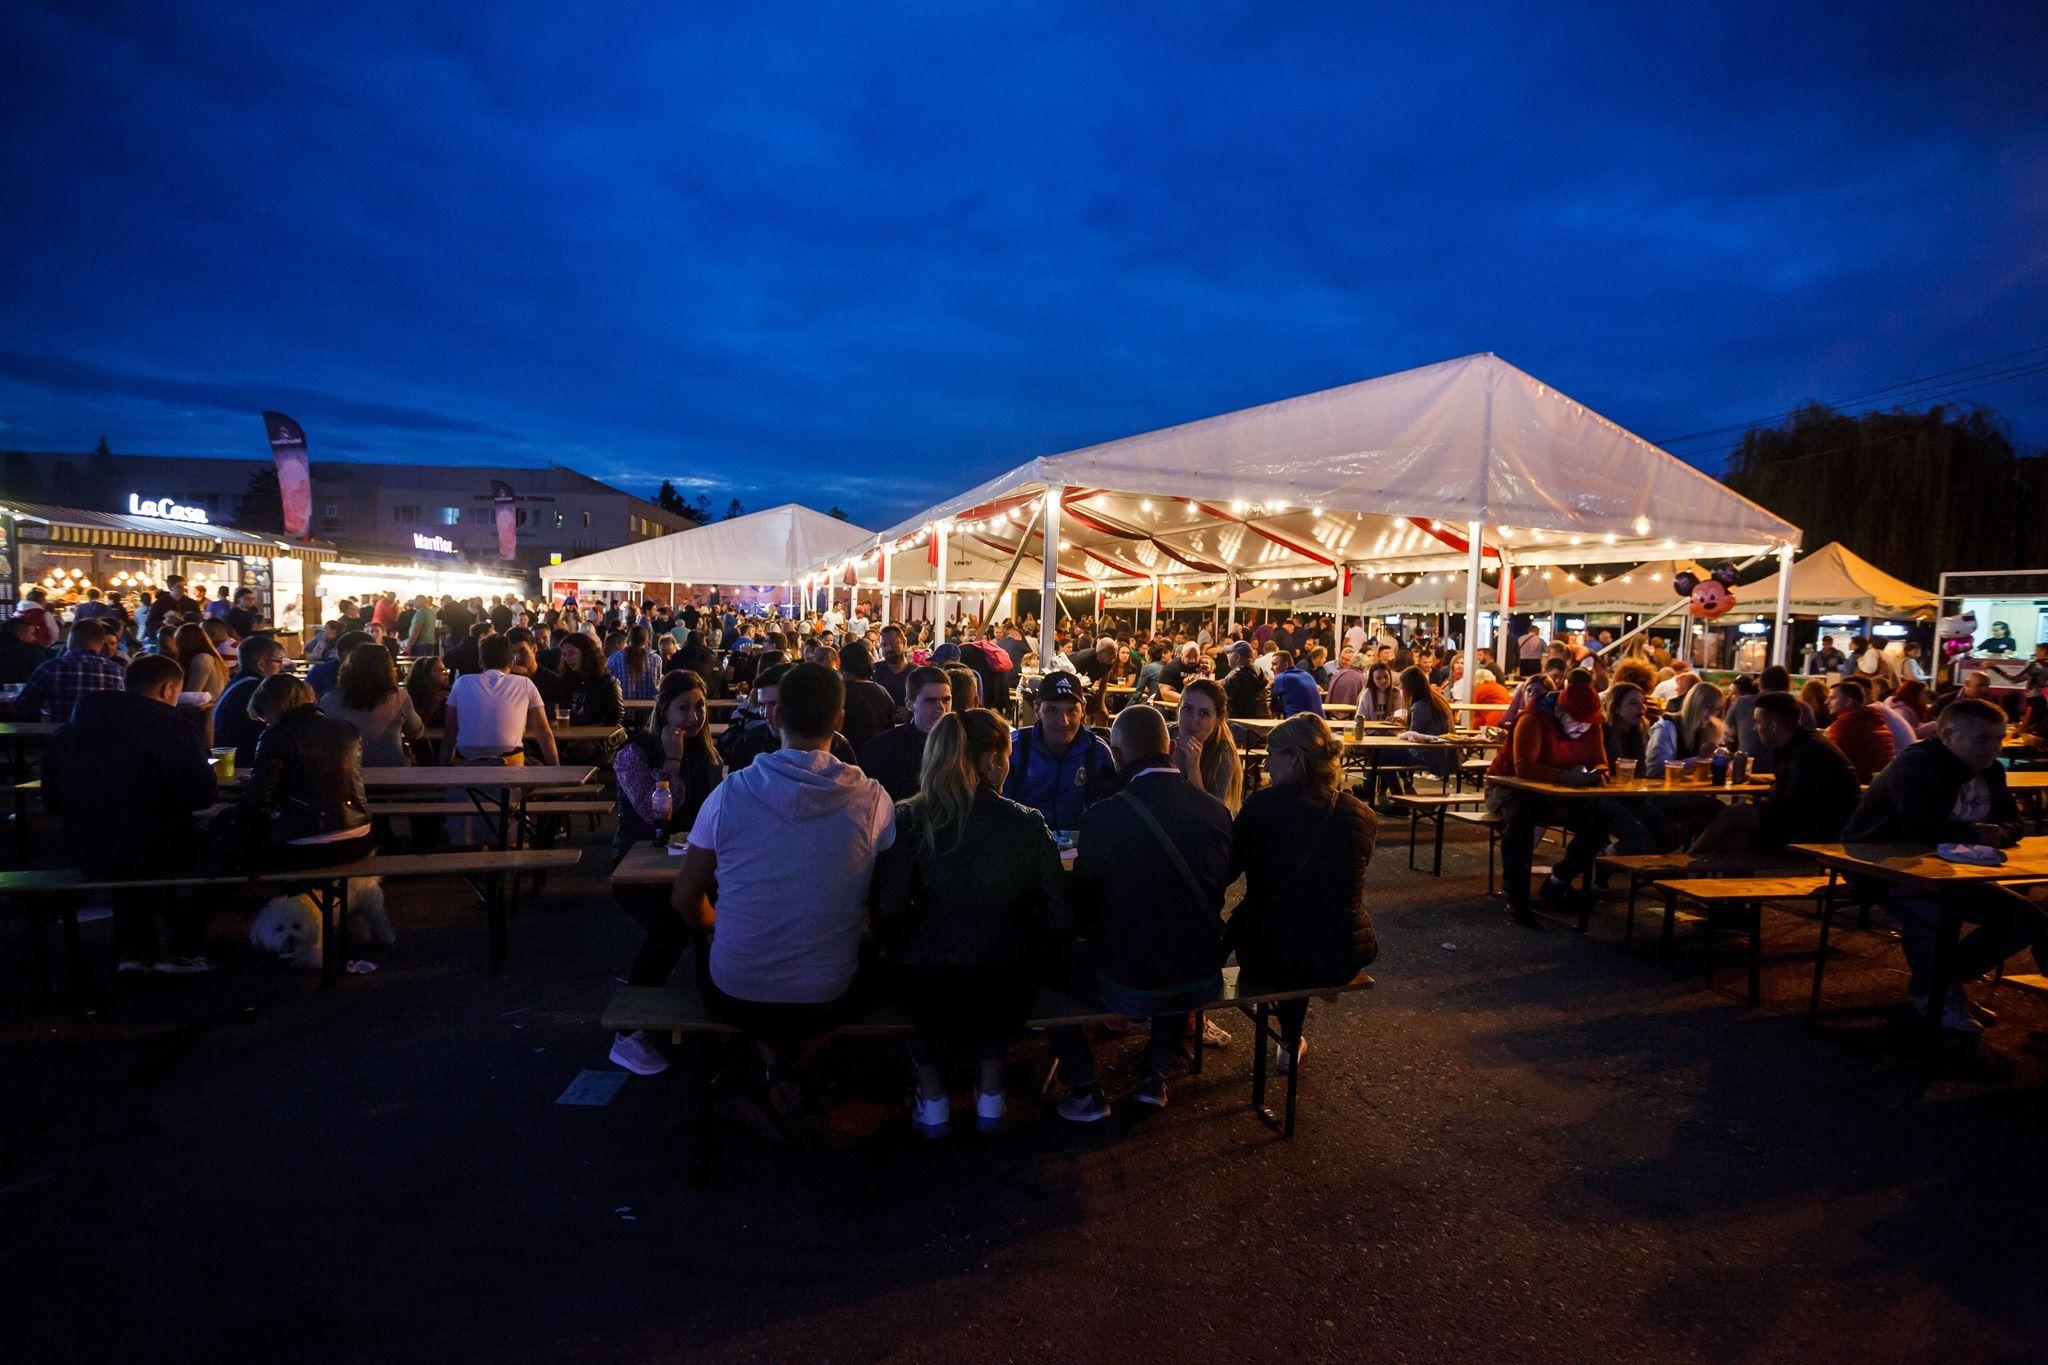 Tradiţionalul festival Septemberfest ia o pauză în acest an